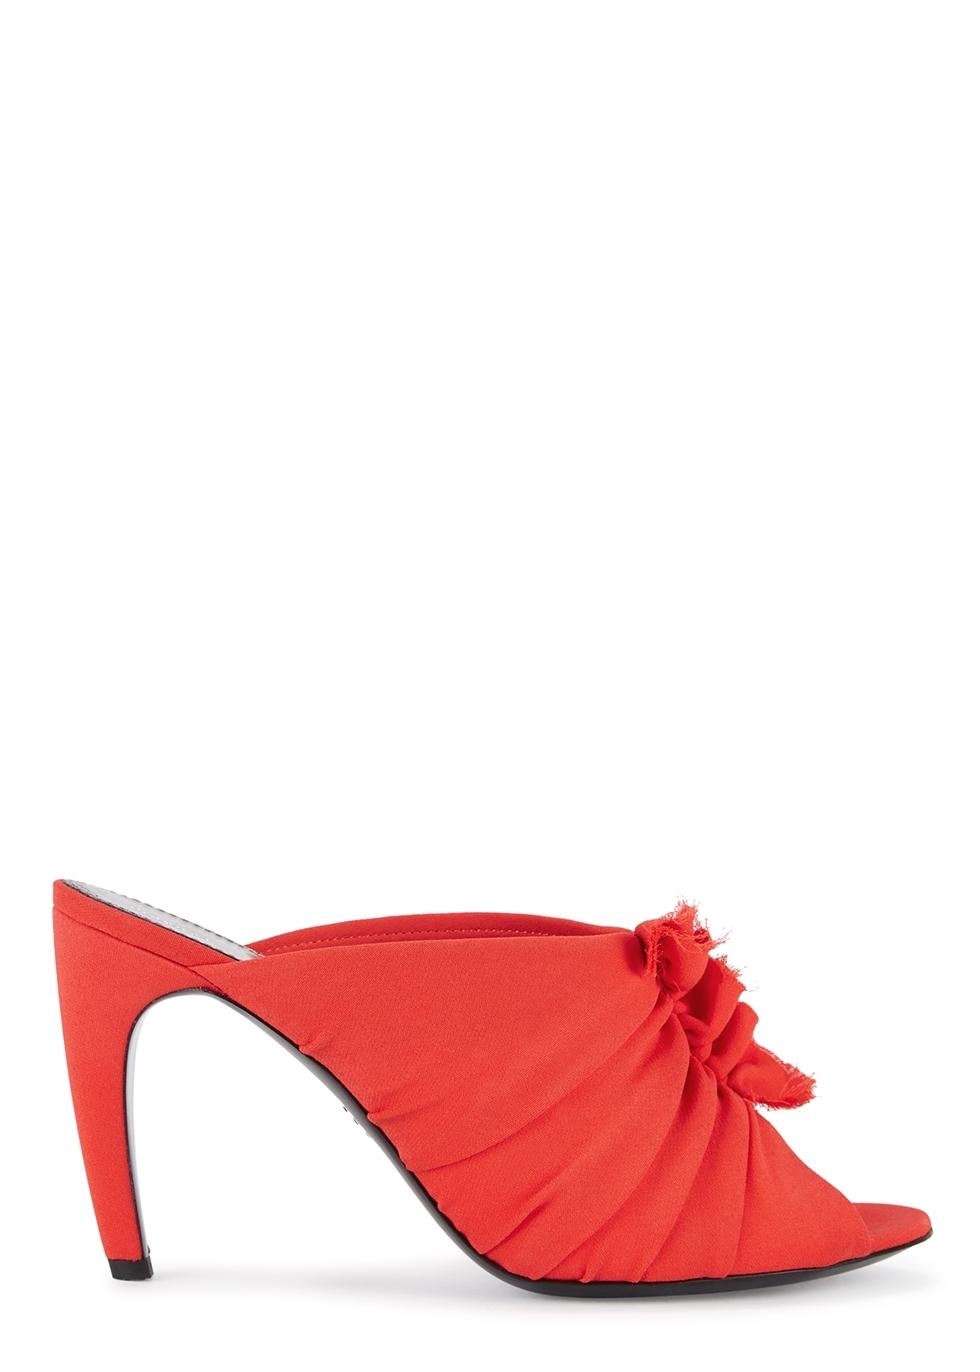 050a68e77c1 Women s Designer Shoes - Ladies Shoes - Harvey Nichols